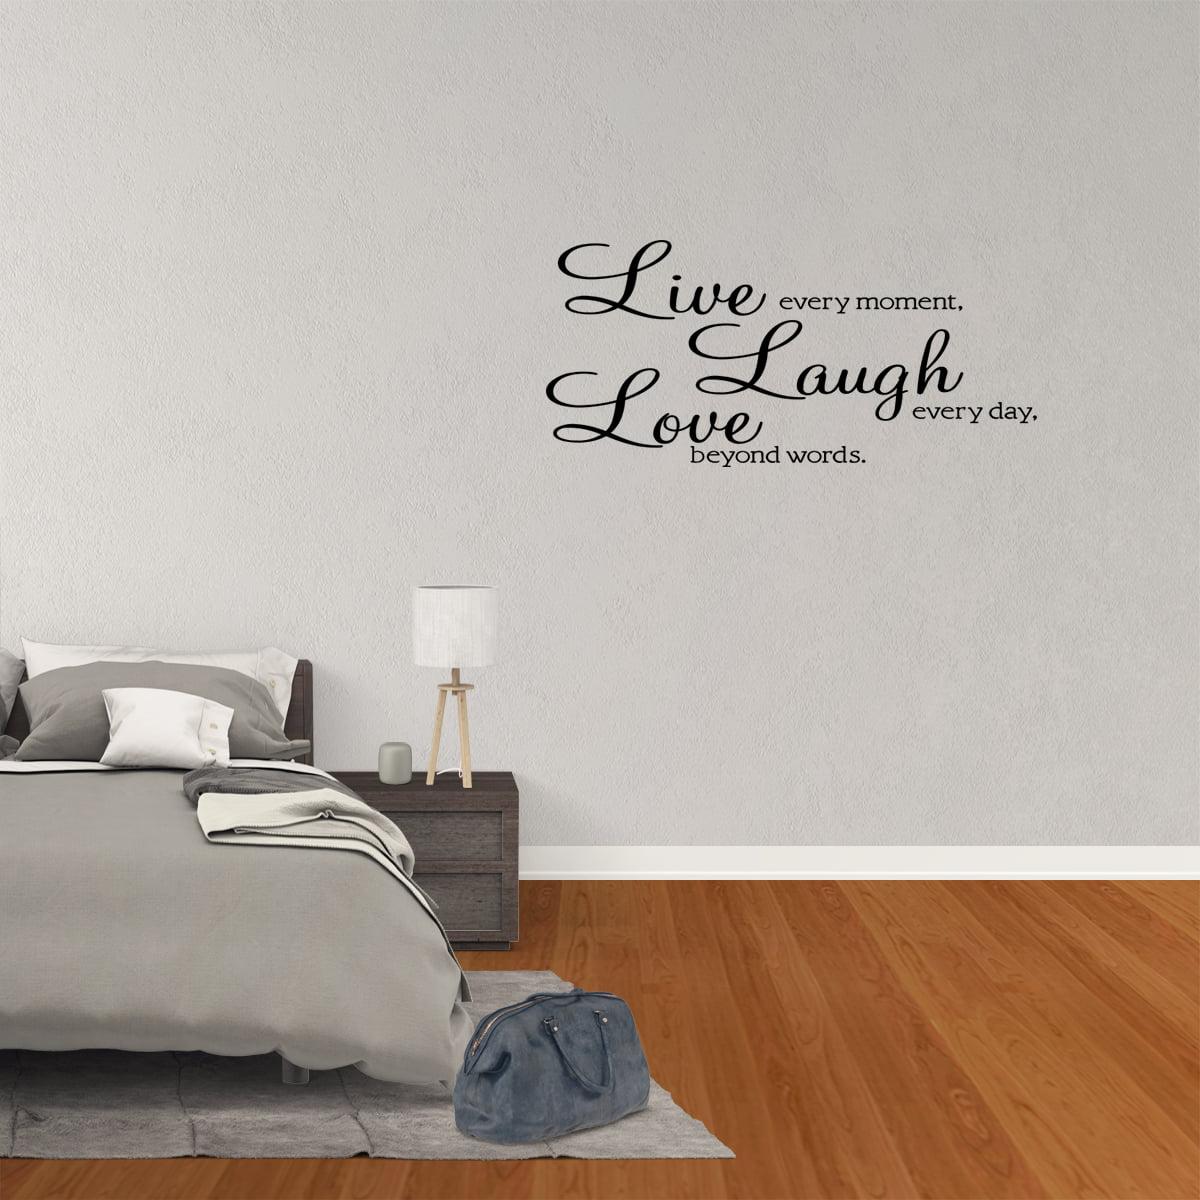 Live Laugh Love Vinyl Wall Sticker Decal Wallpaper Wall Art Home